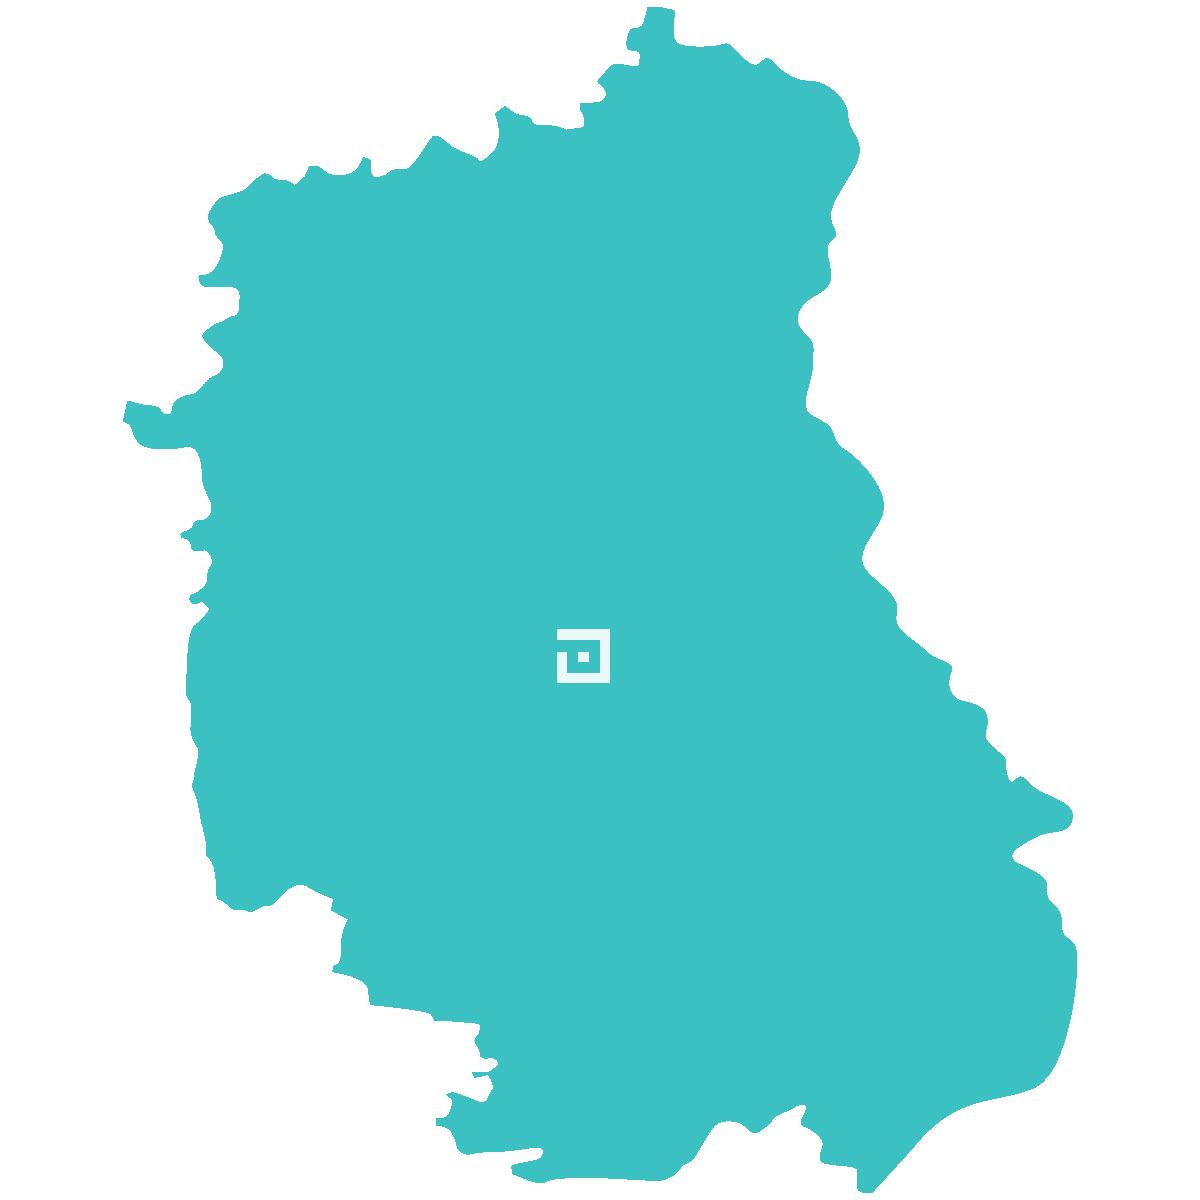 Pompy ciepła lubelskie - mapa